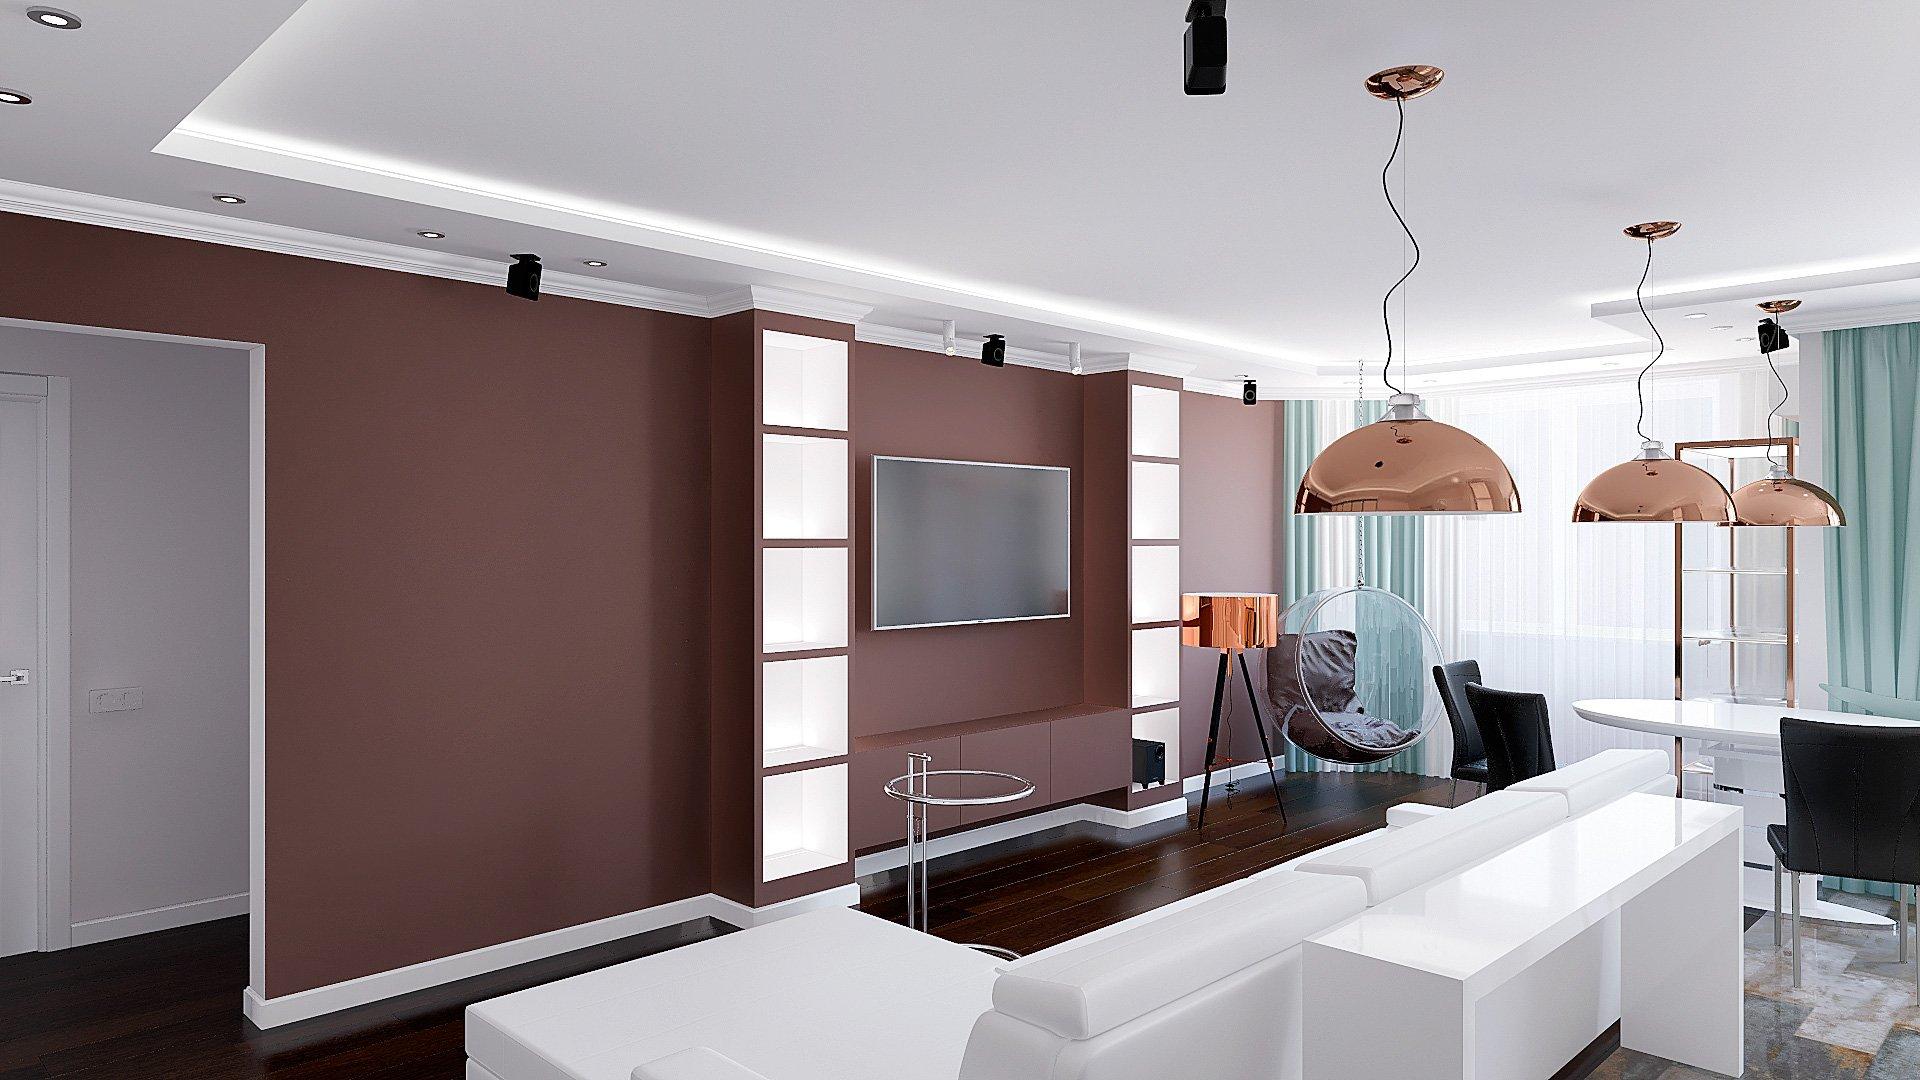 квартиры в Гомеле, Зона кухни-гостиной-прихожая, белый диван, темно-коричневая стена, полки с подсветкой, подвесные светильники, интерьер гостиной в гомеле в современном стиле №6